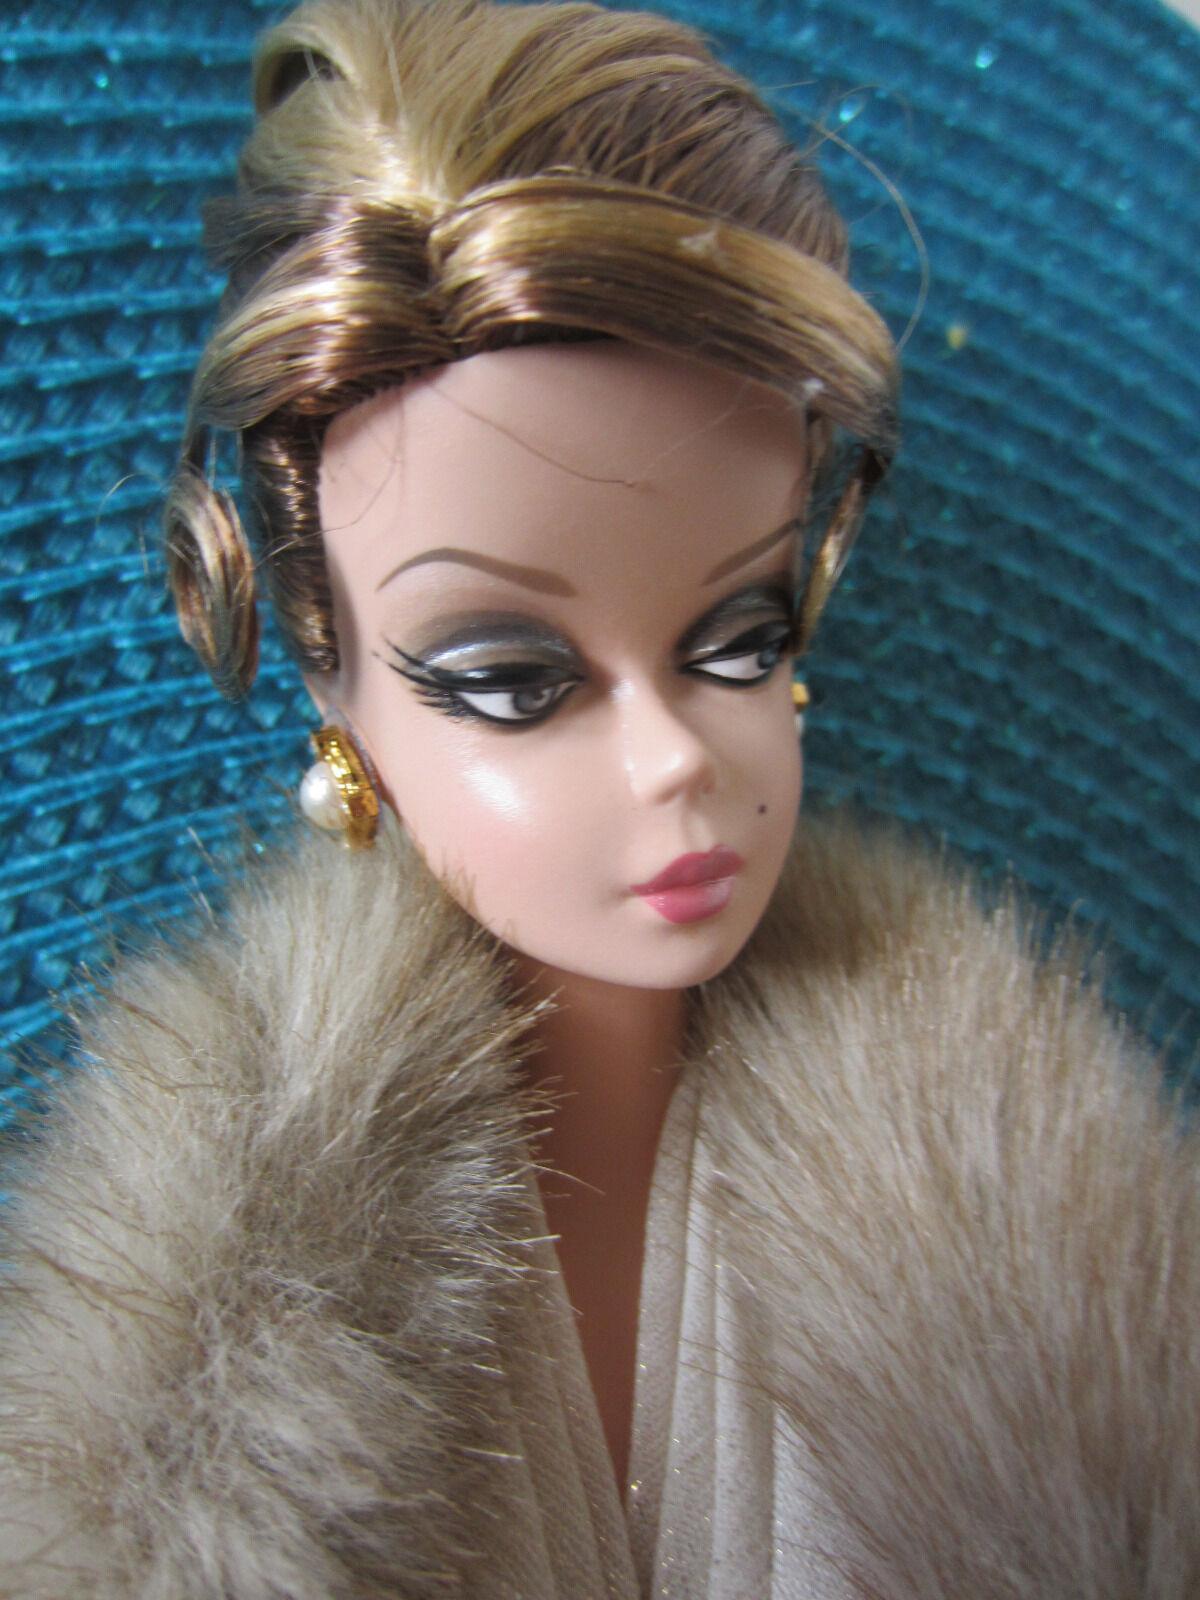 La entrevista muñeca Barbie Silkstone oro Label Colección De Modelo De Moda